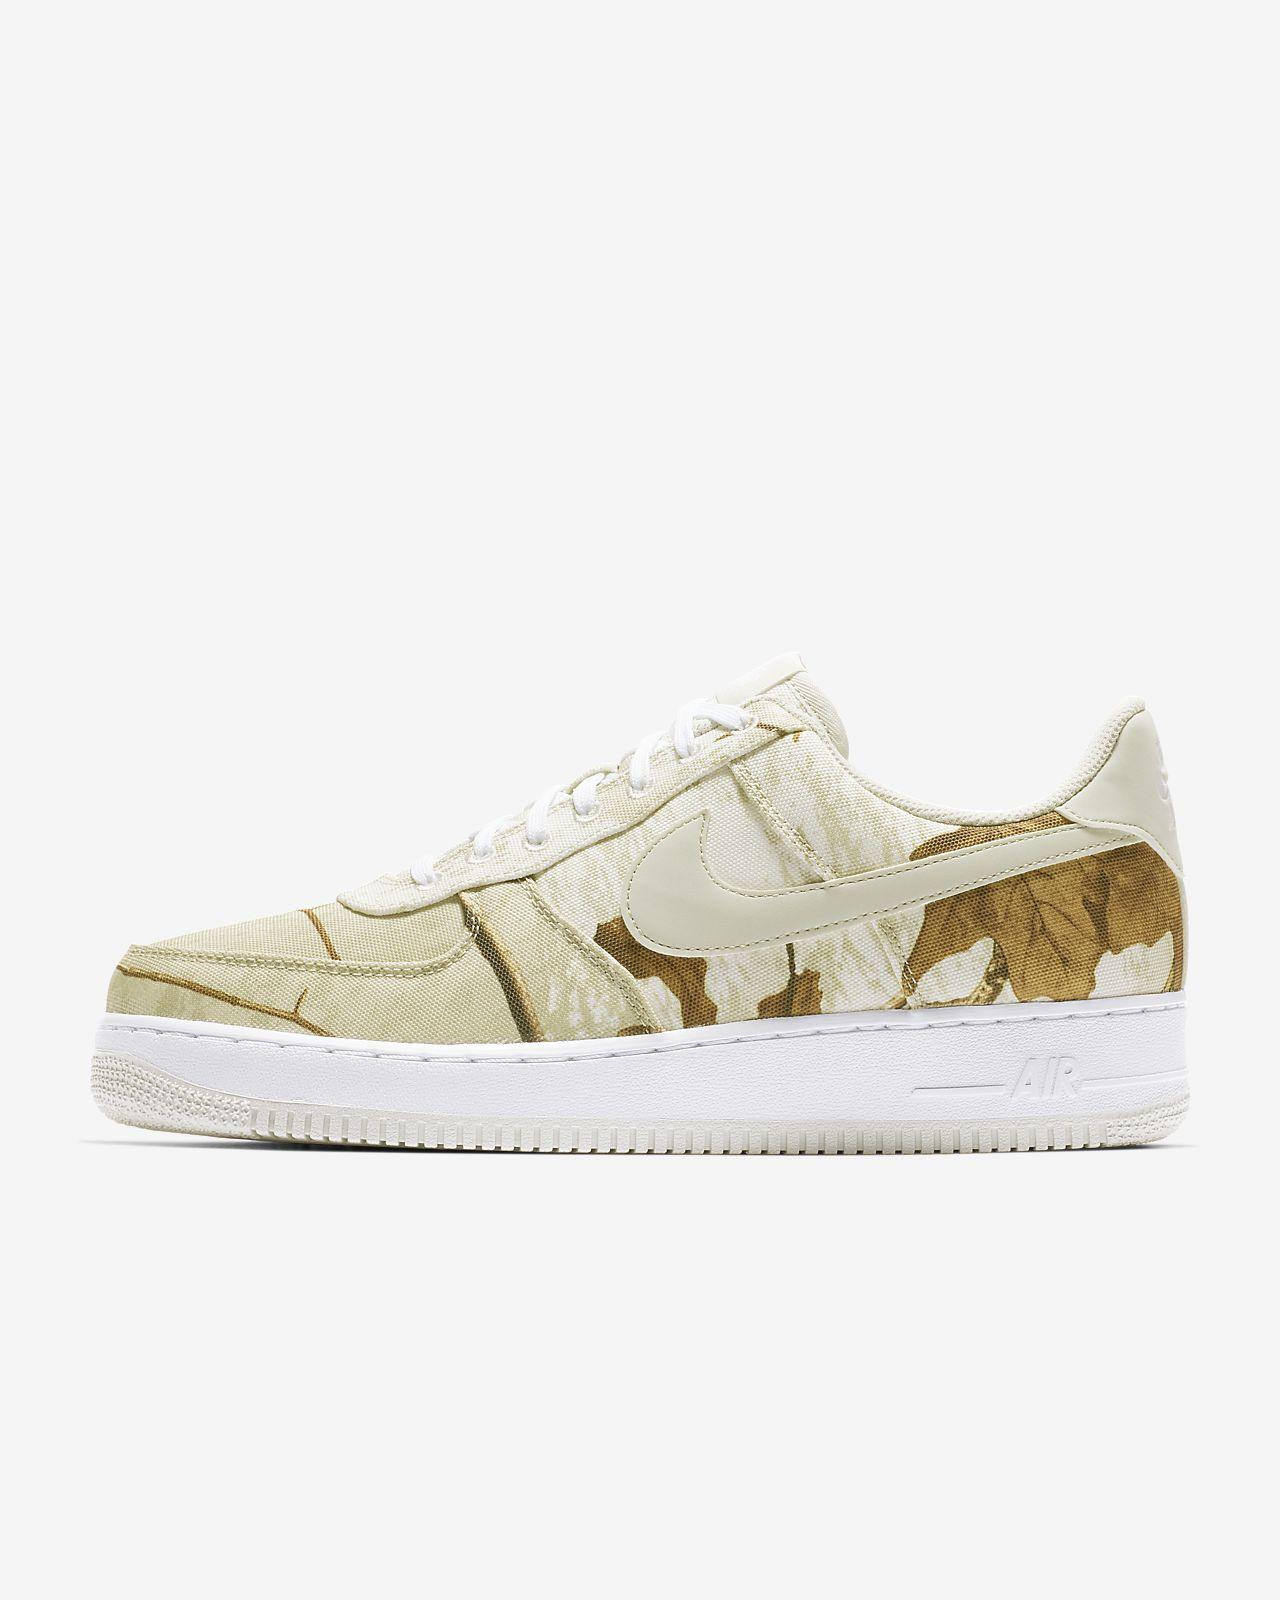 timeless design eab1d 97153 ... Nike Air Force 1 07 LV8 3 Realtree®-sko til mænd